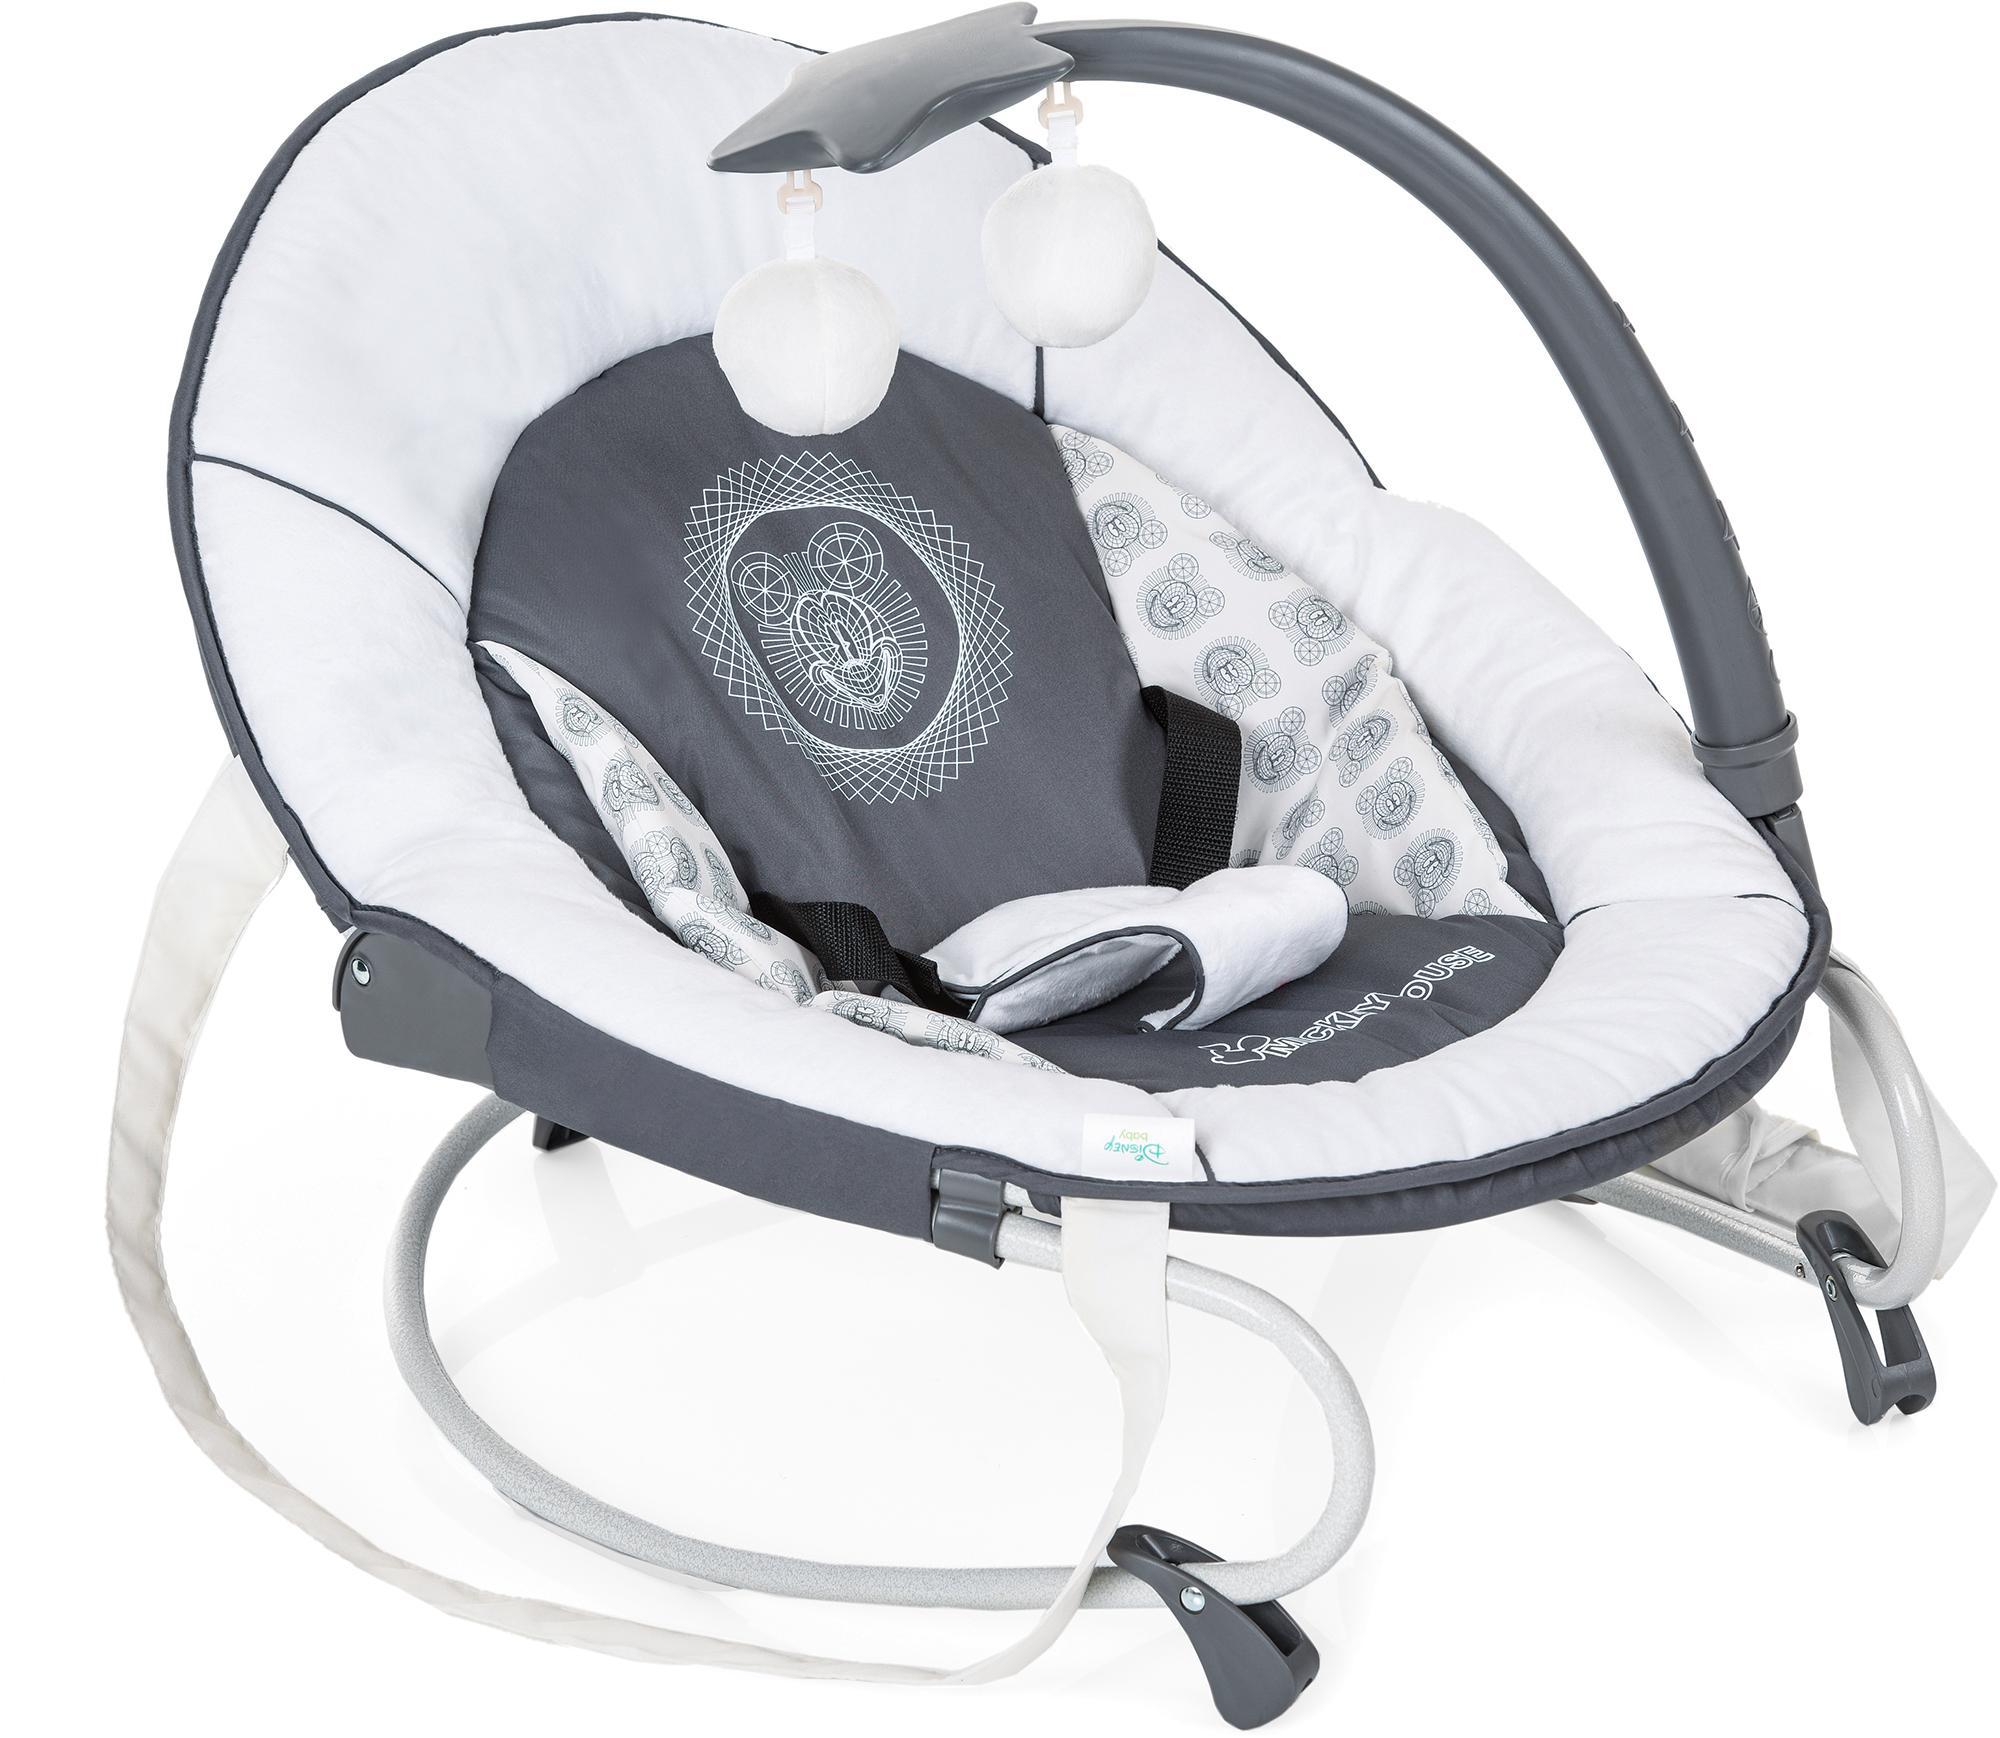 Hauck Babywippe Leisure, Mickey Cool Vibes, bis 9 kg bunt Baby Babywippen Bauchtragen, Babyschaukeln